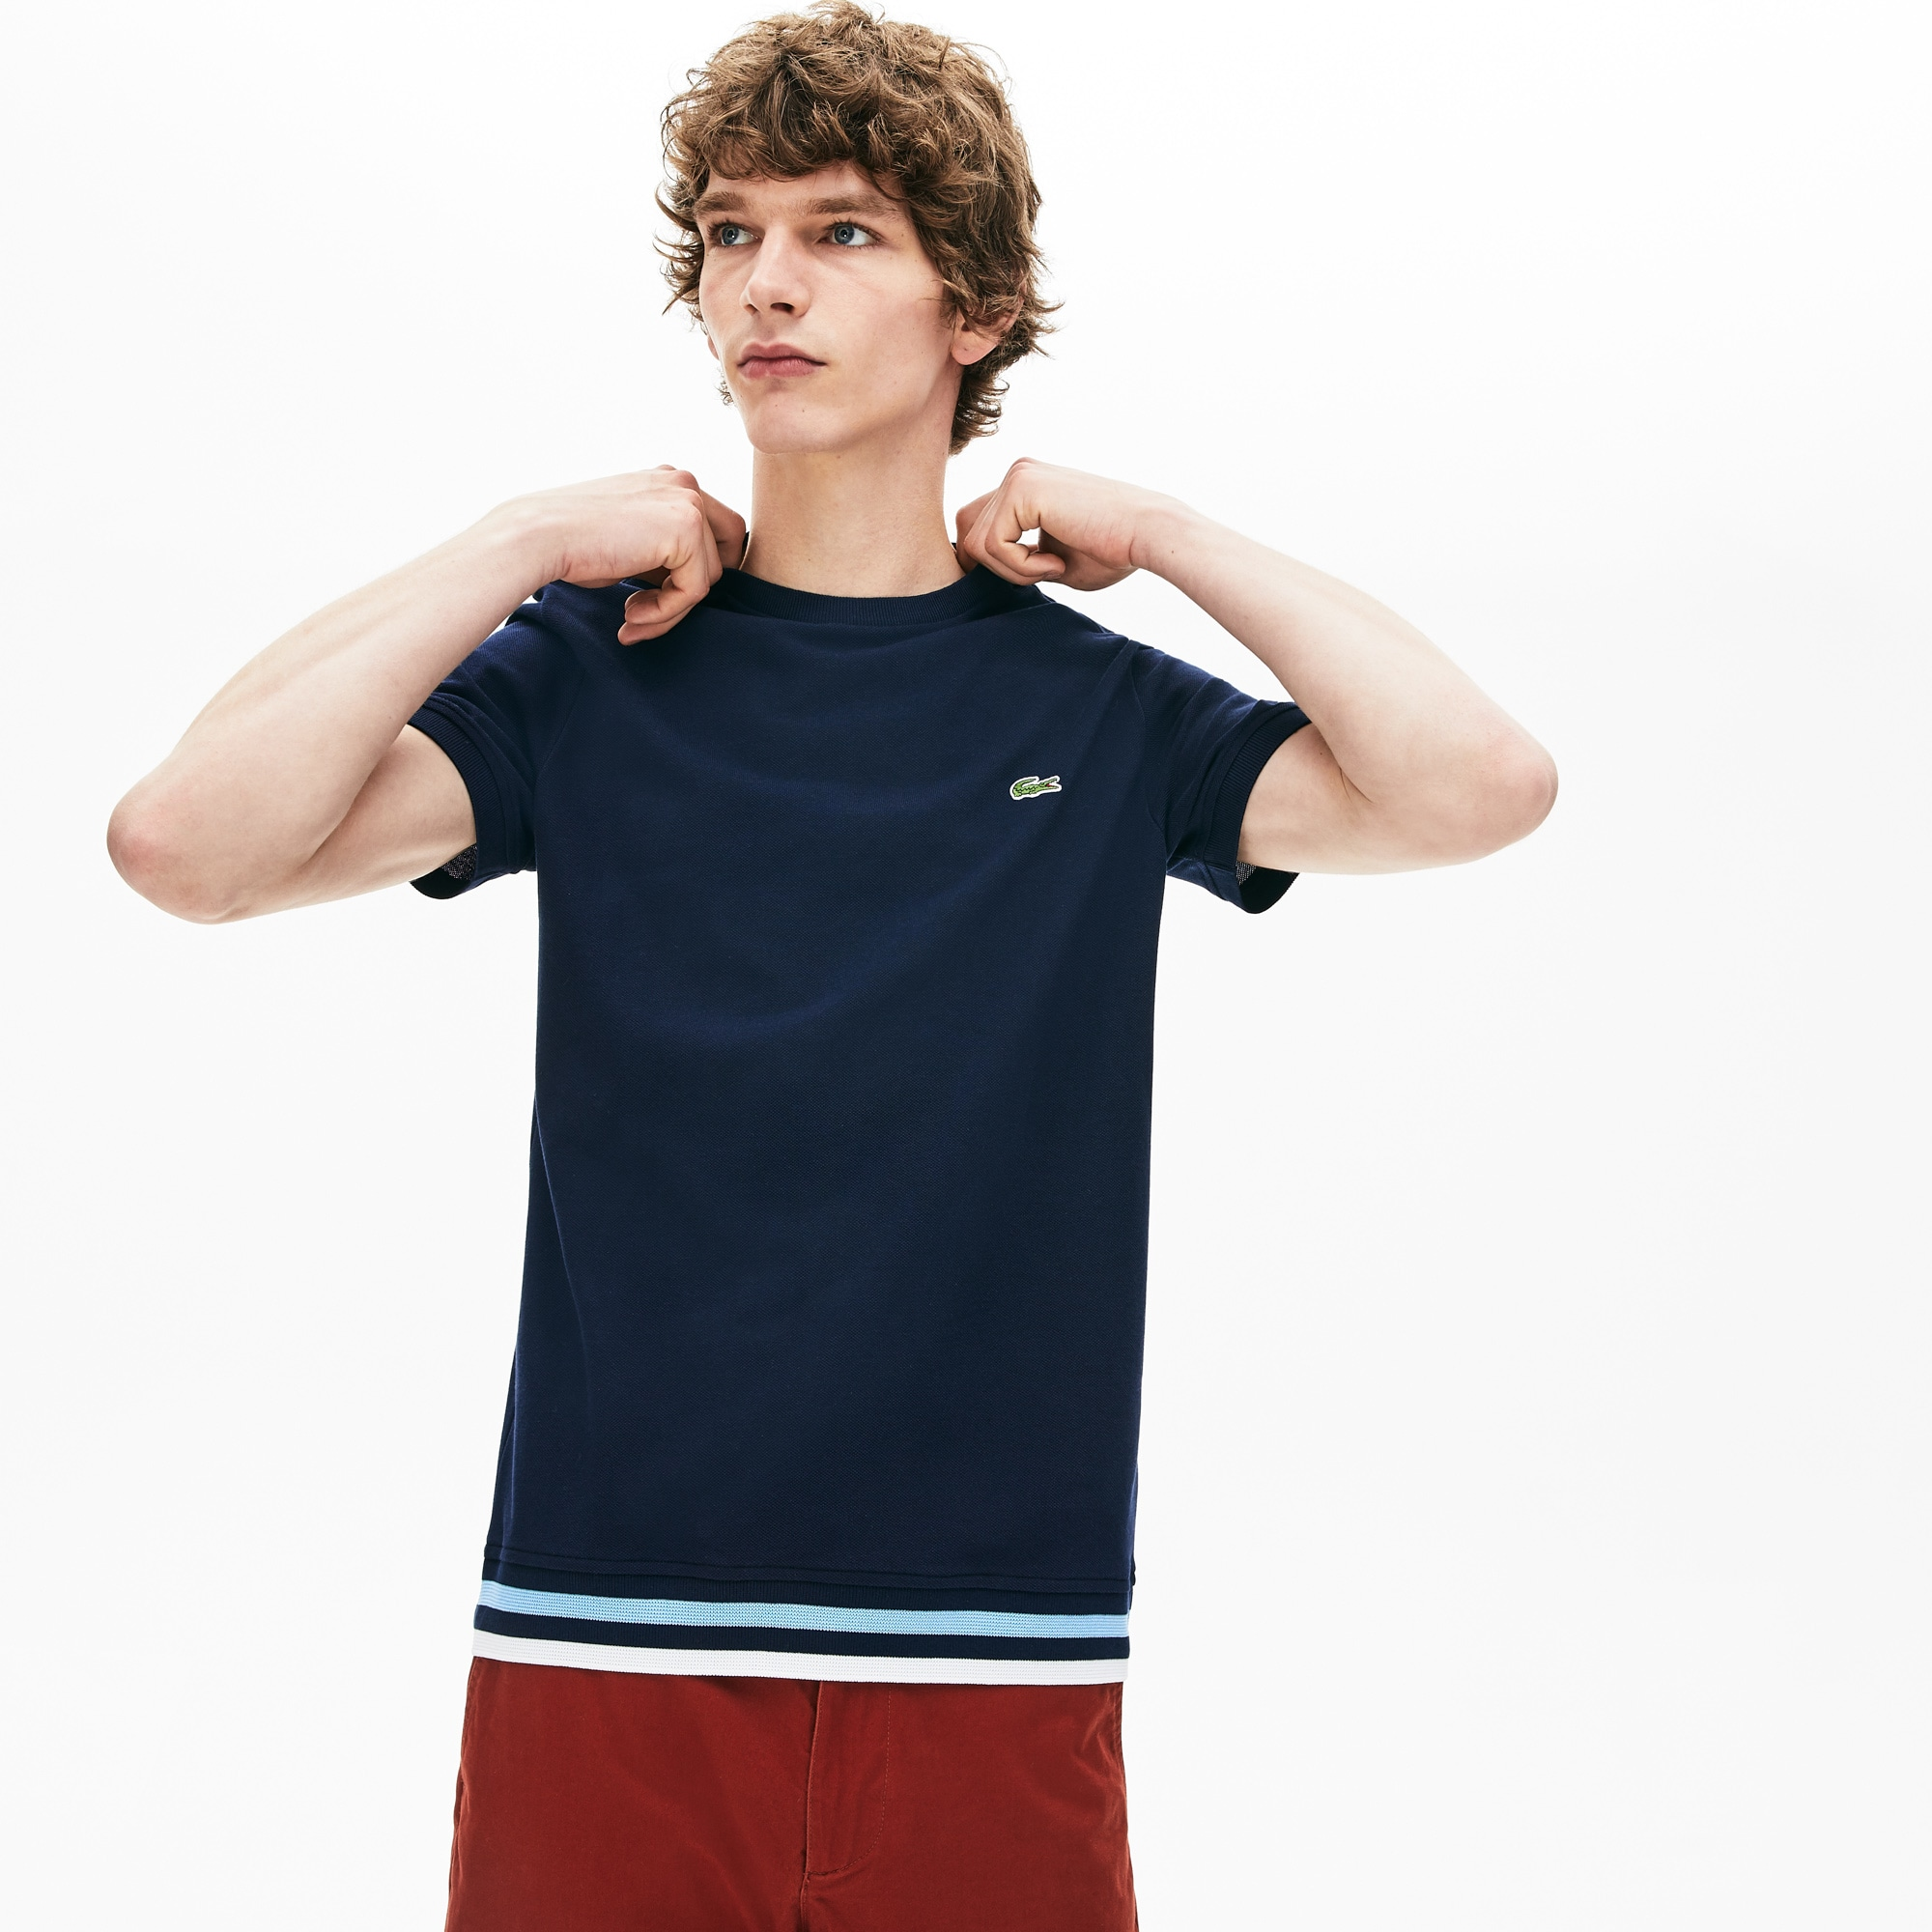 25629a512ce Men's T Shirts | Lacoste T Shirts | LACOSTE